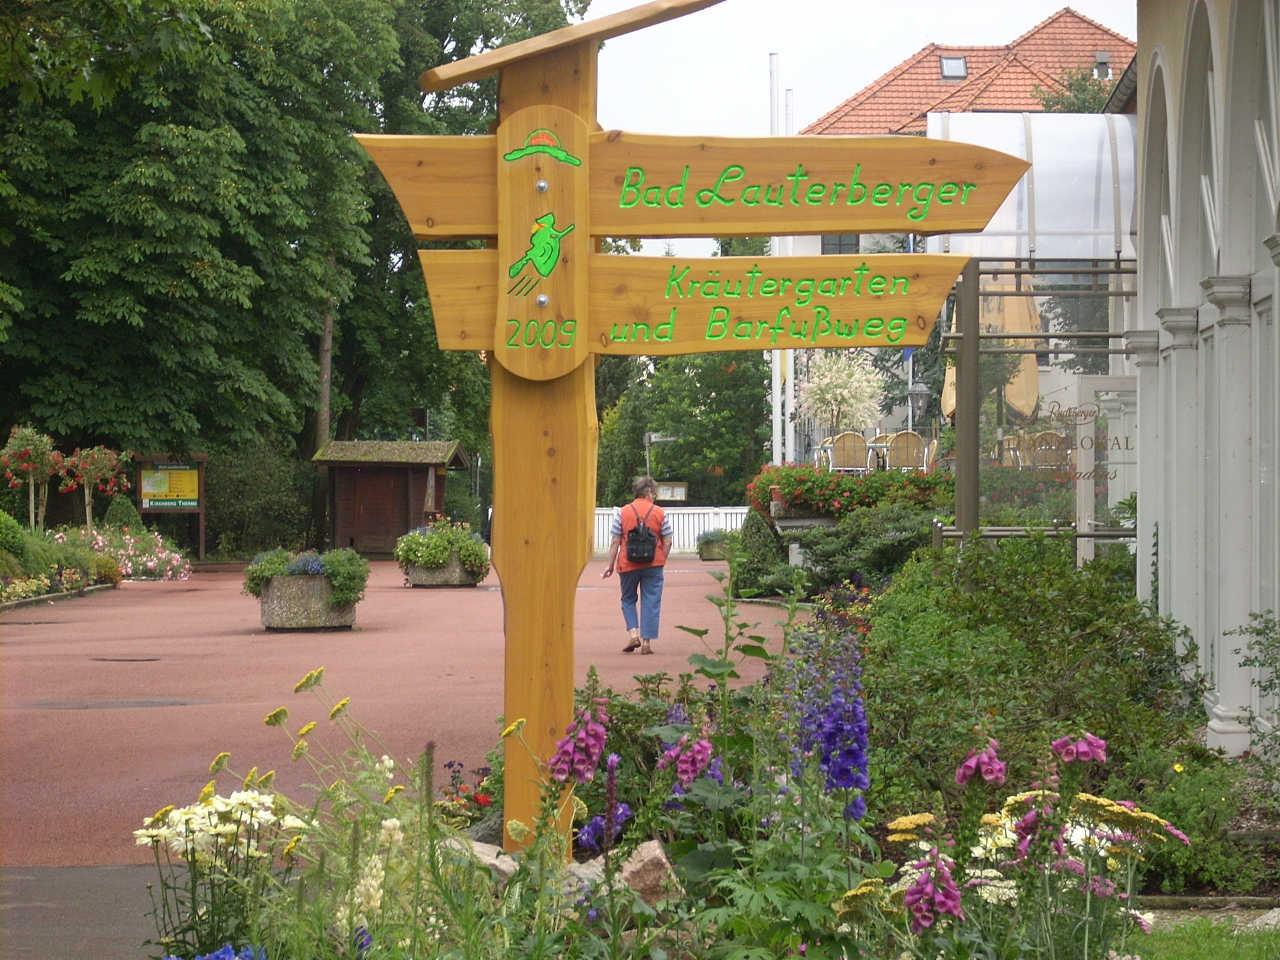 Kräutergarten Bad Lauterberg